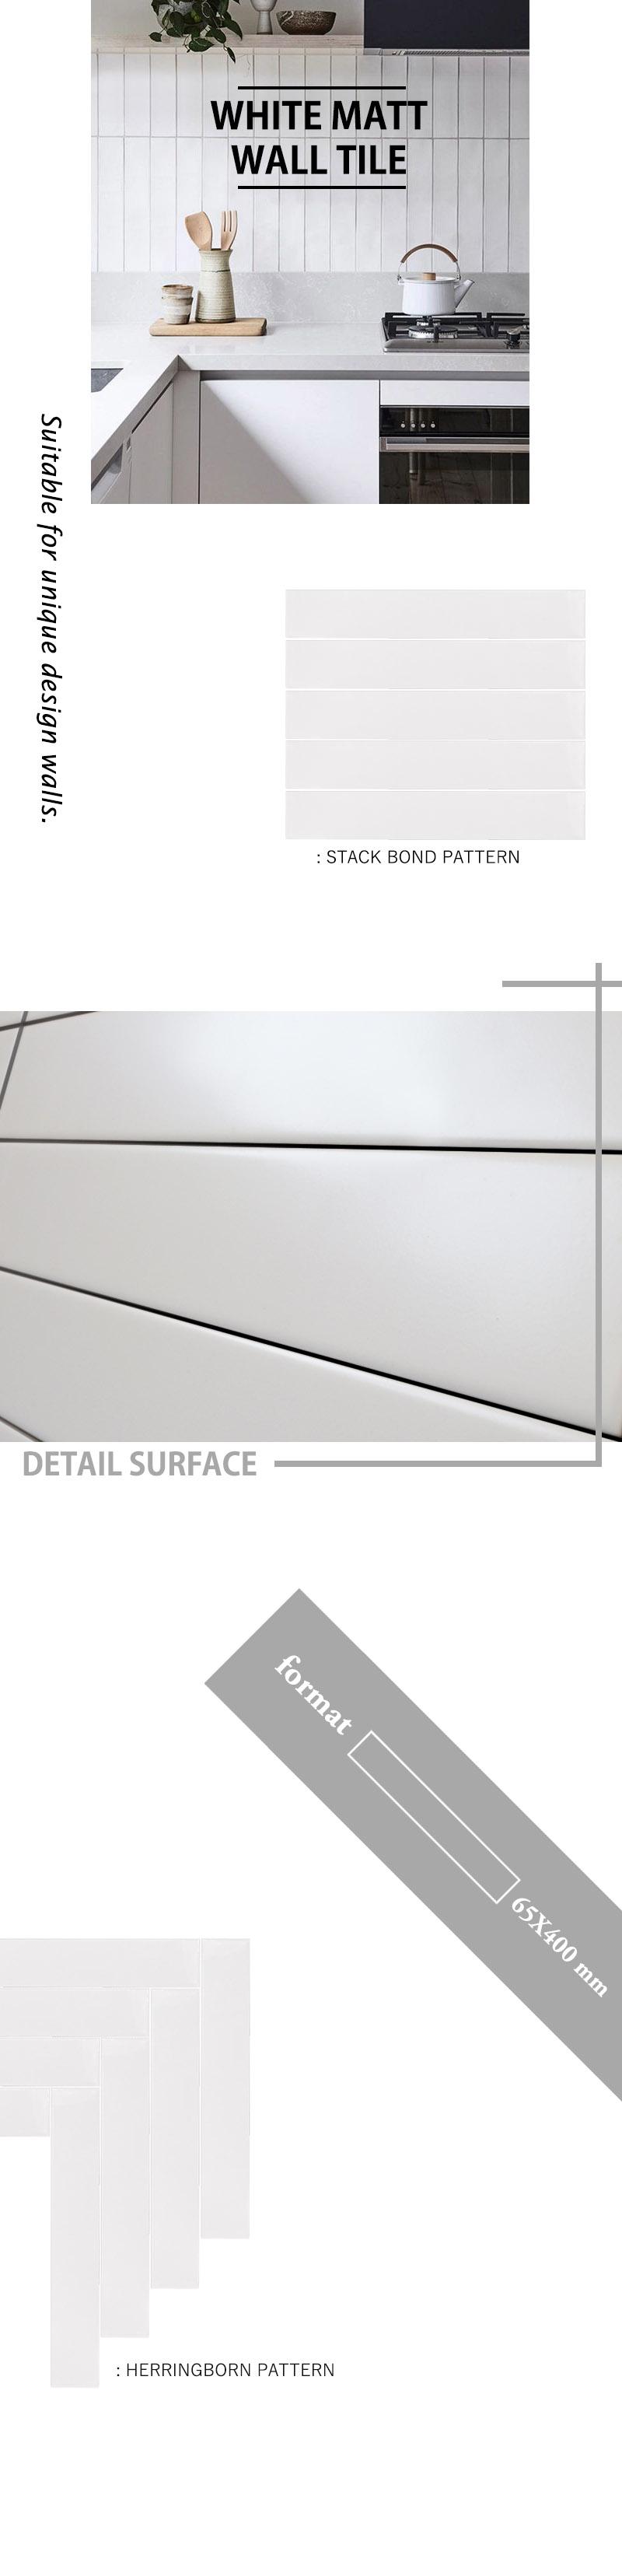 White Matt Wall 65x400 _ web page